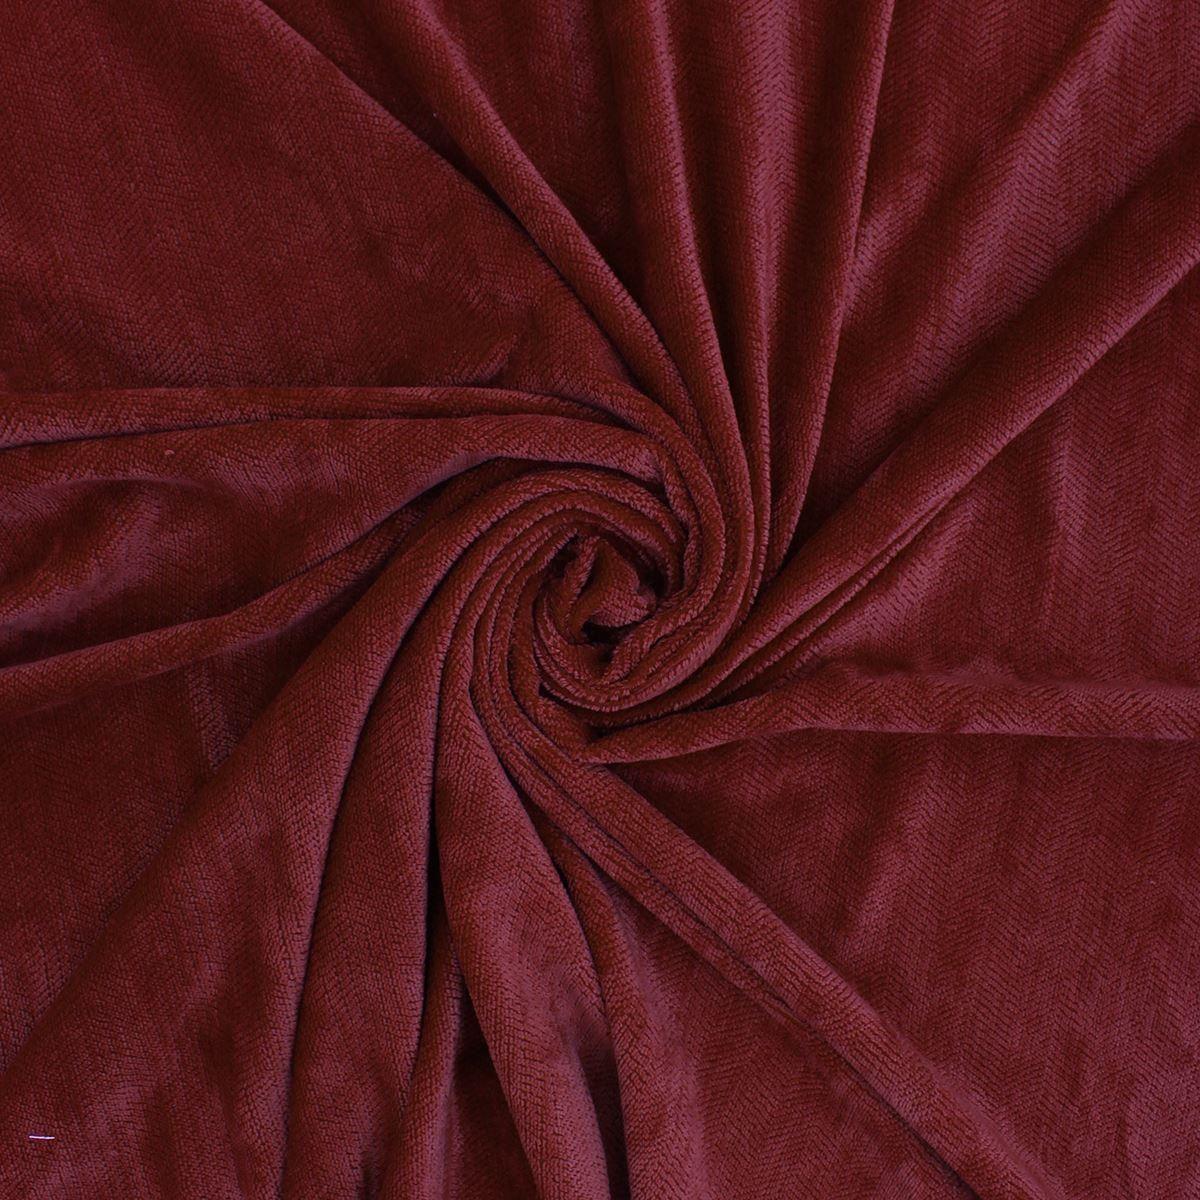 Herringbone Chenille Velvet Upholstery Fabric Velvet Upholstery Fabric Upholstery Fabric Fabric